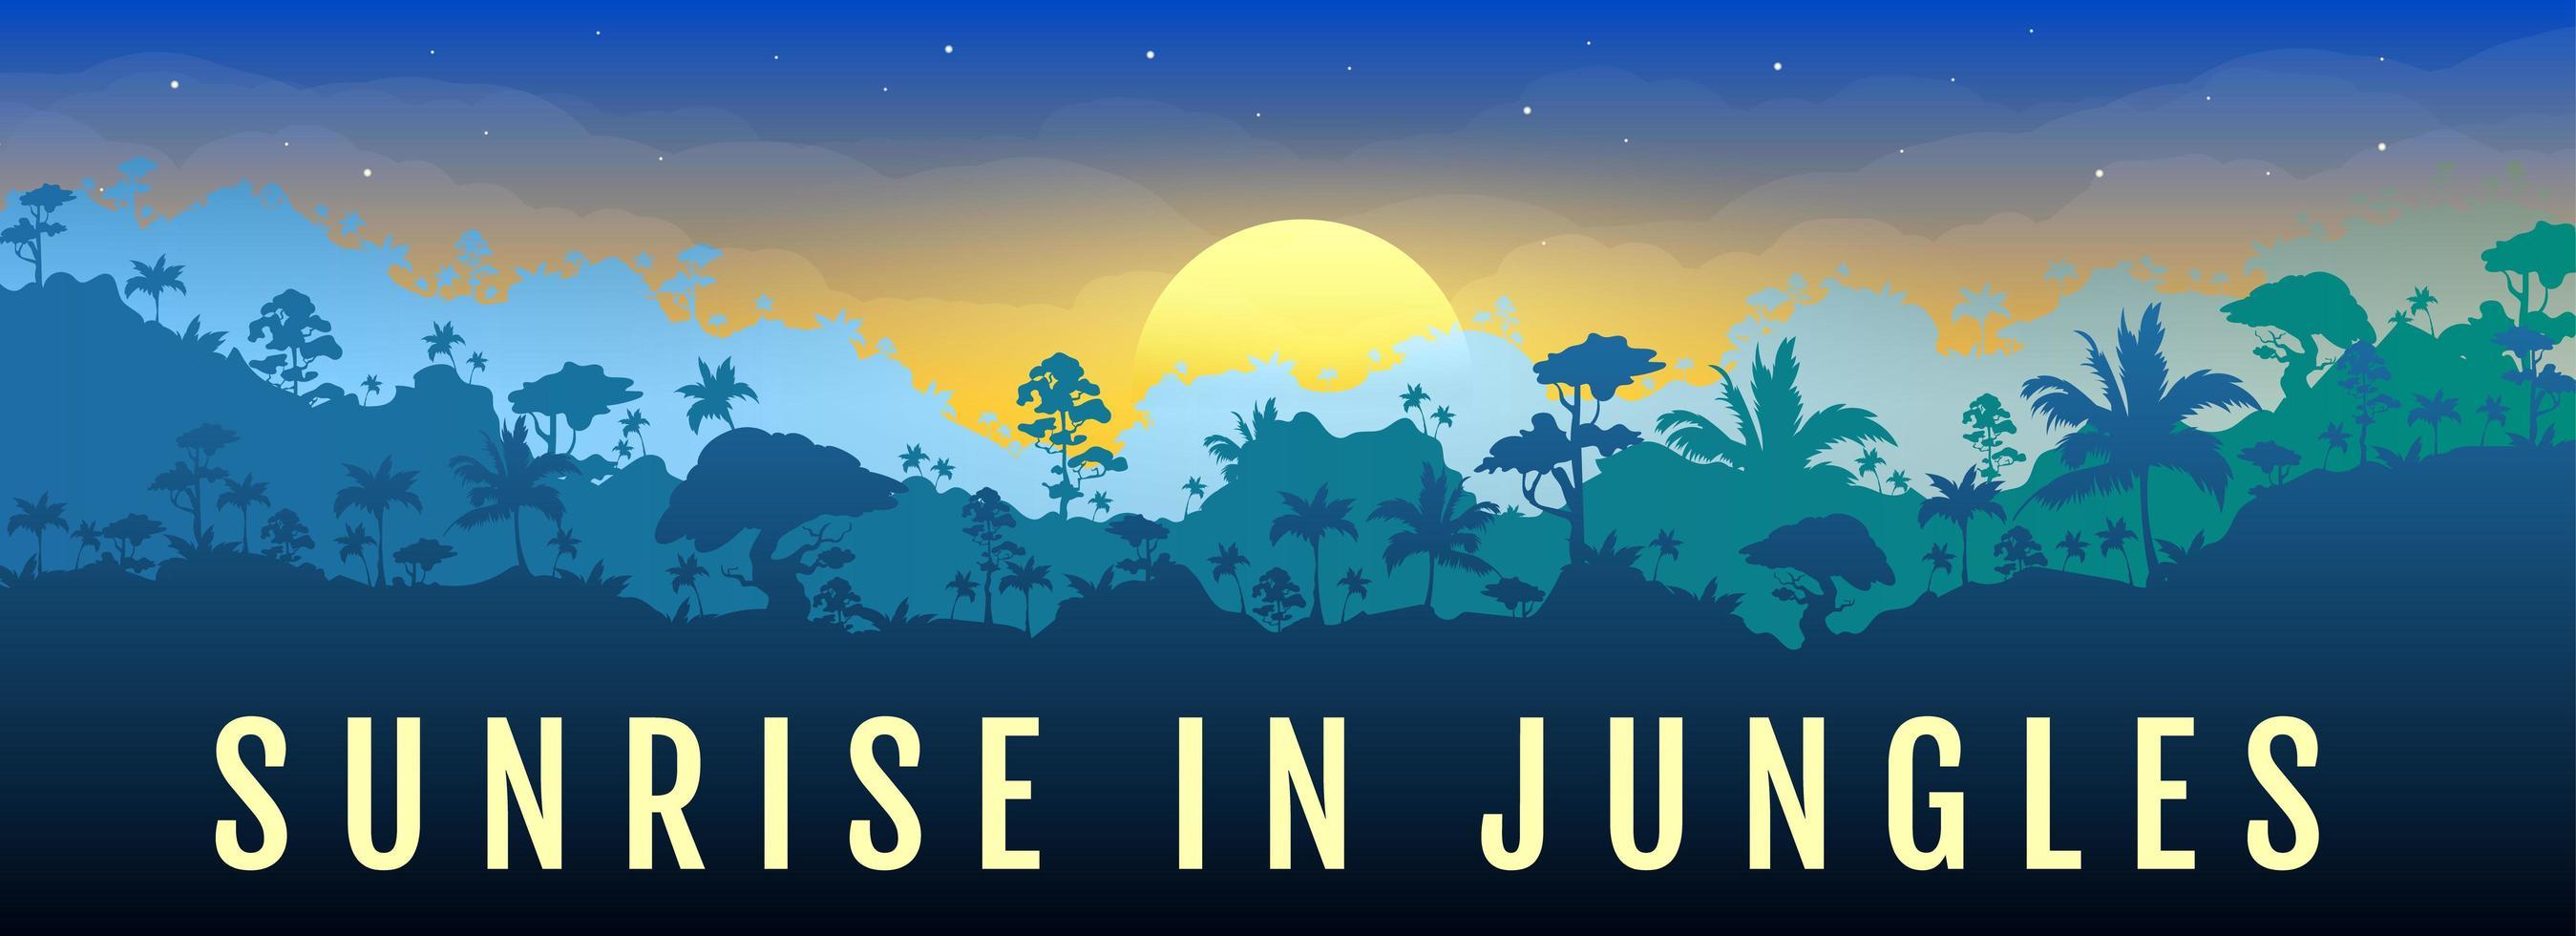 lever du soleil dans la bannière de la jungle vecteur